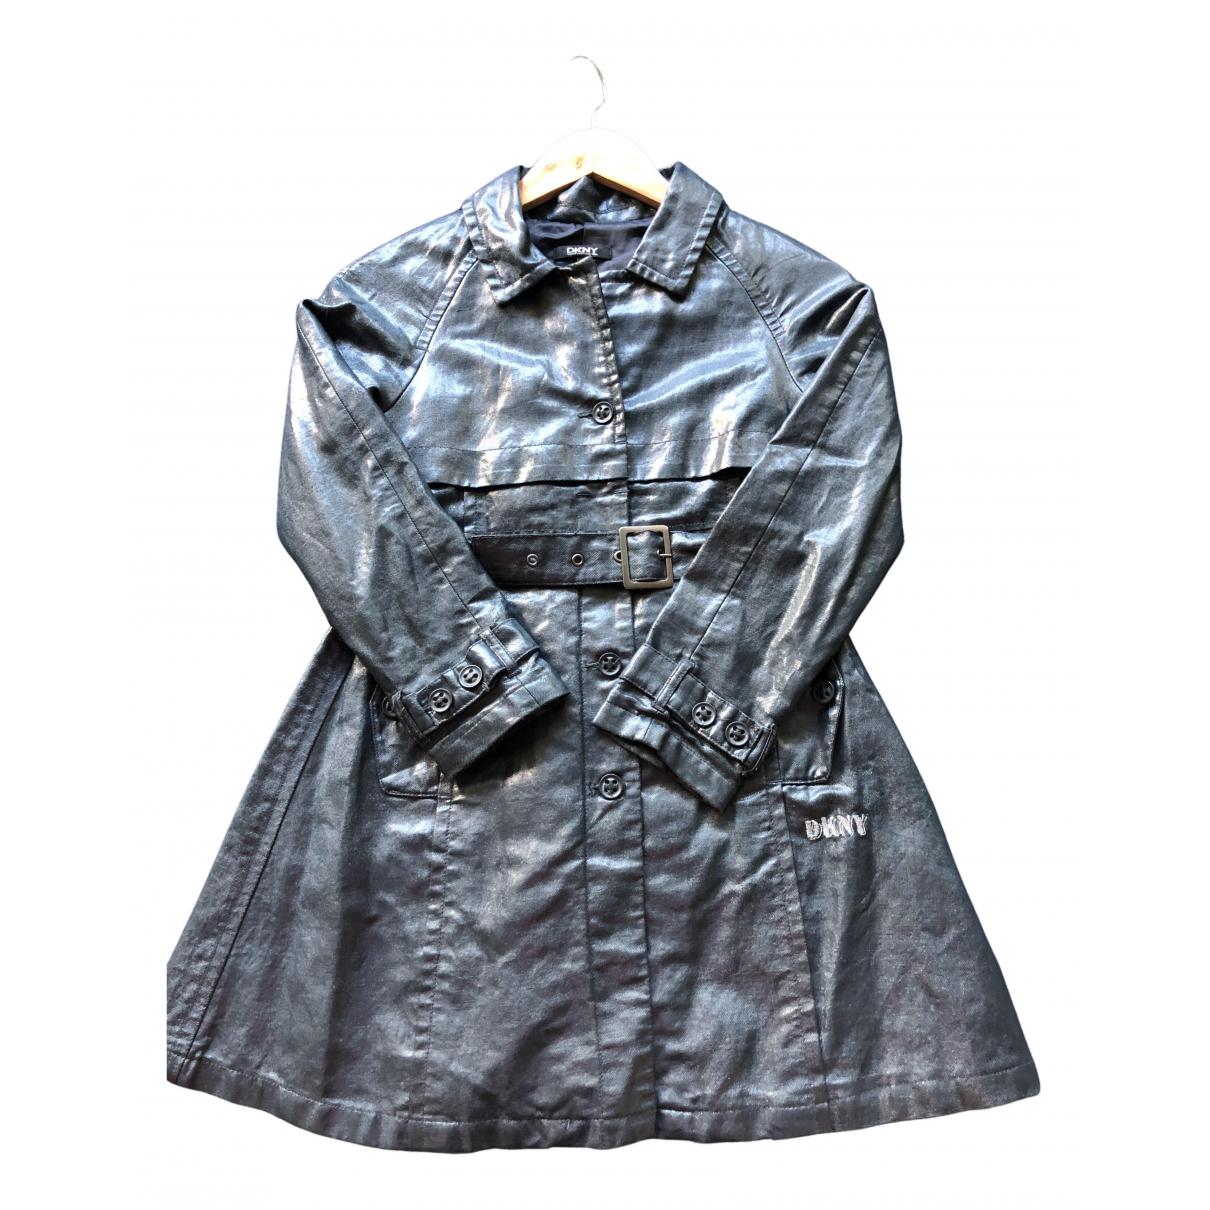 Dkny - Blousons.Manteaux   pour enfant en coton - gris